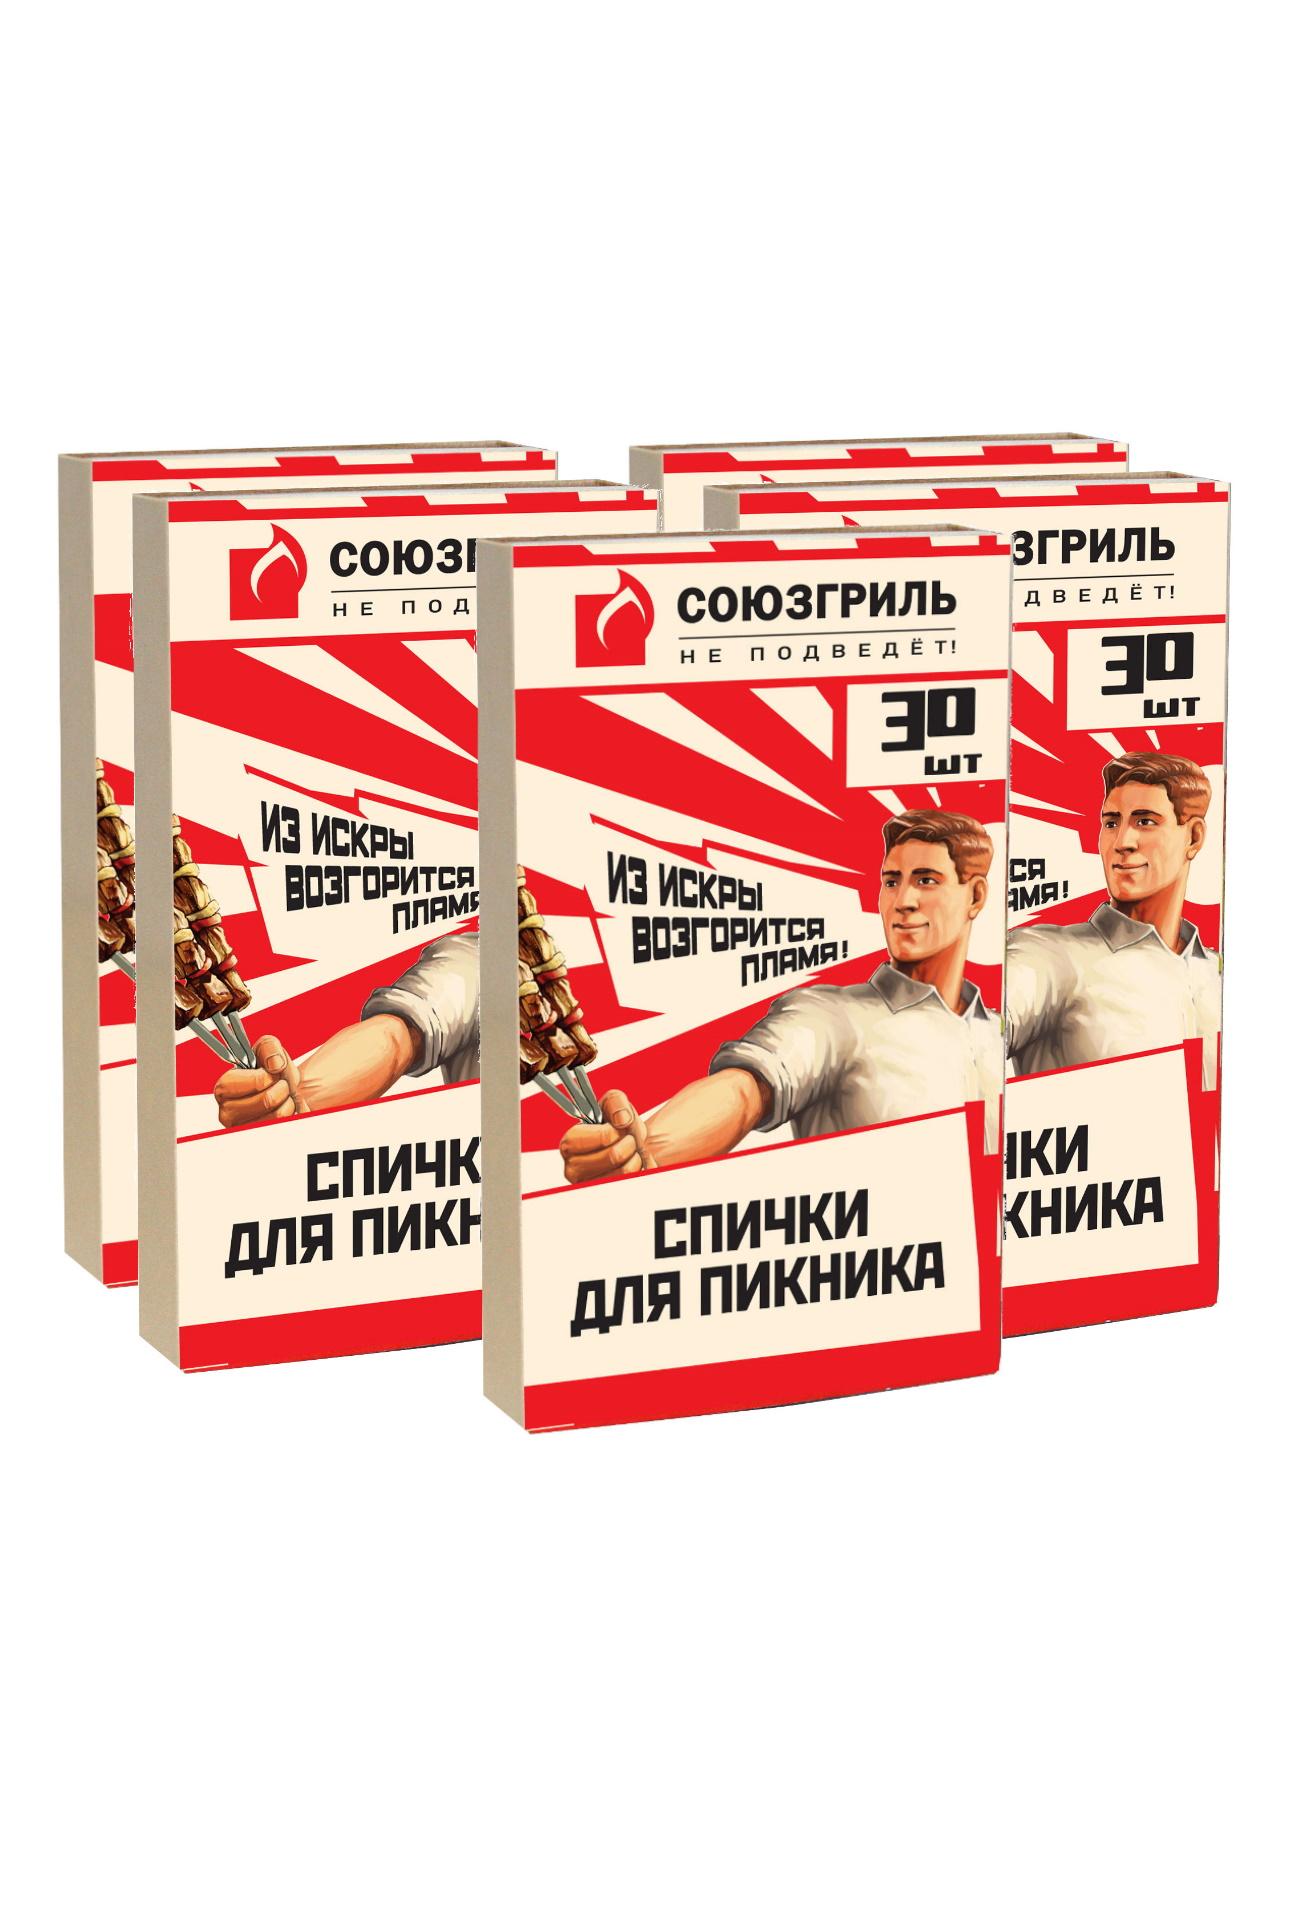 Спички для пикника Союзгриль N1-F08-5 30 шт. набор из 5 штук